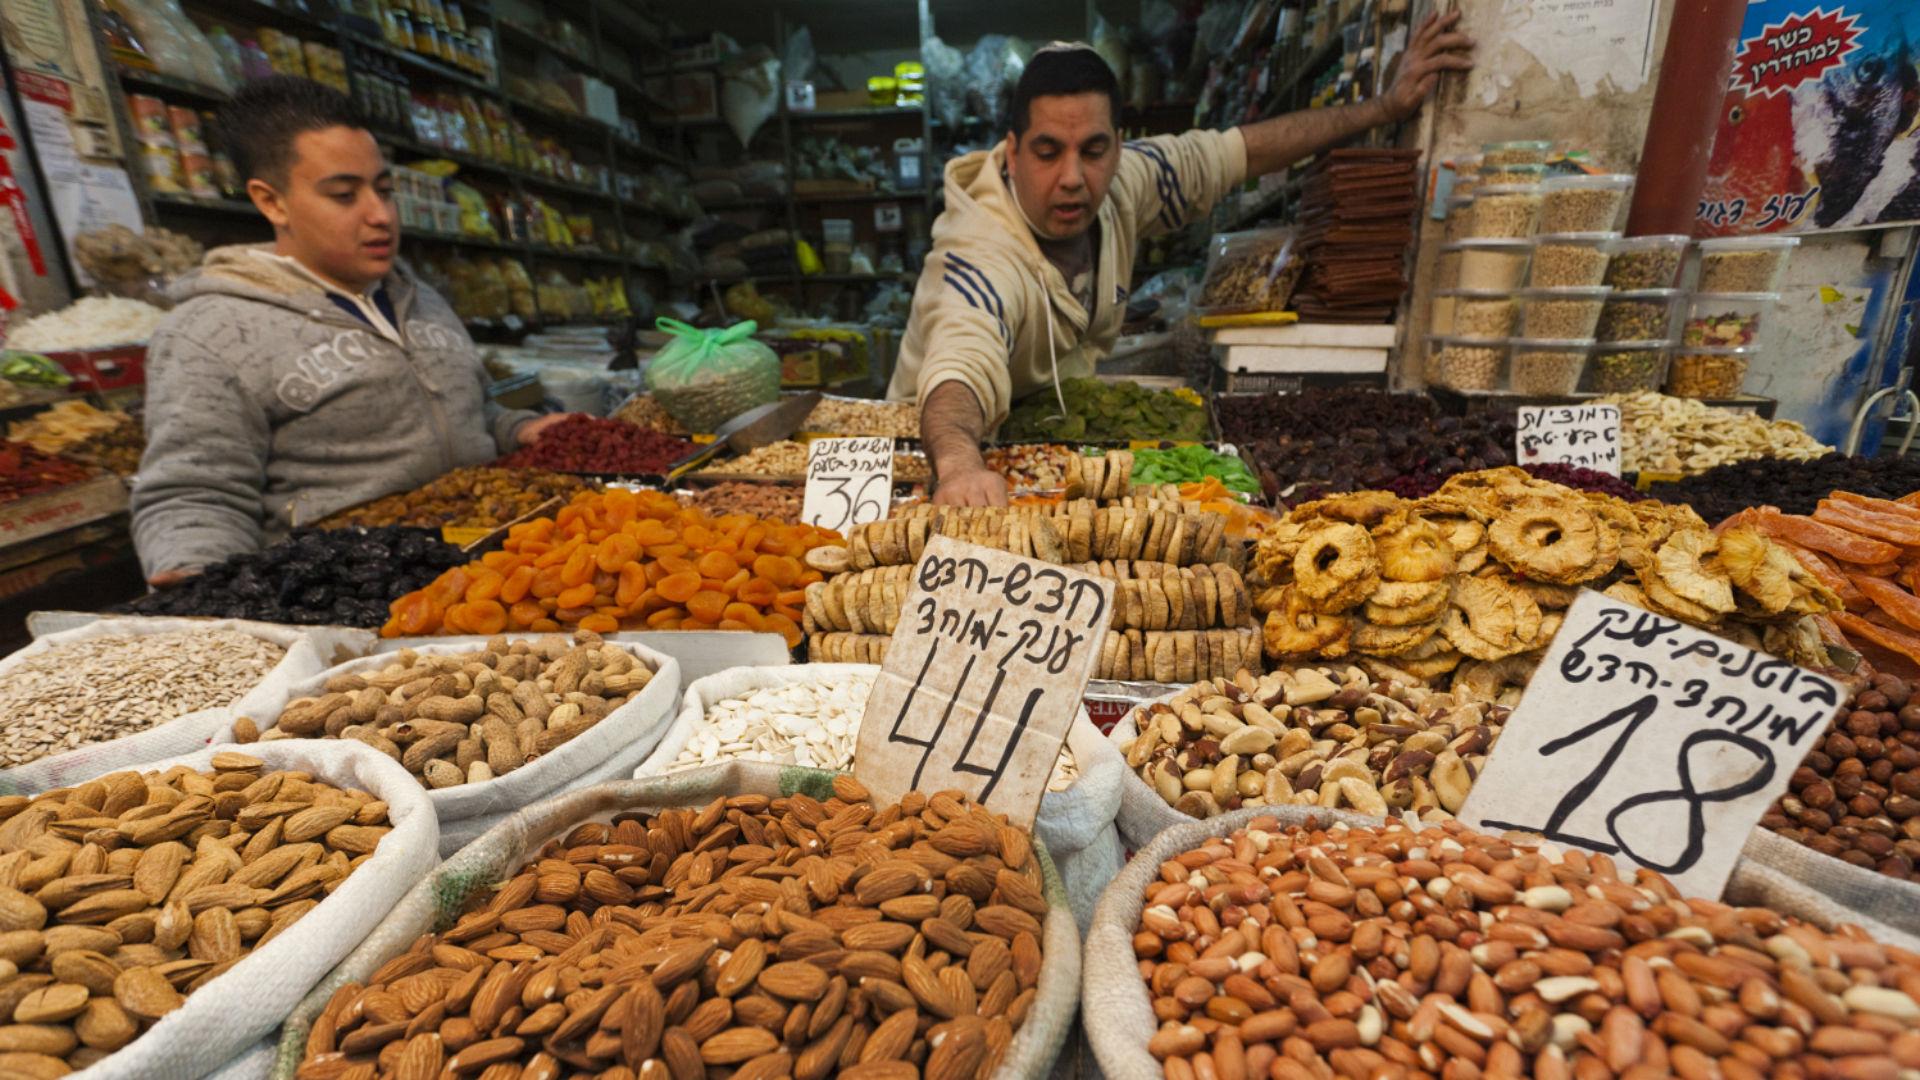 Nut merchantsIsrael at Mahane Yehuda Market,  New City, Jerusalem, Israel.